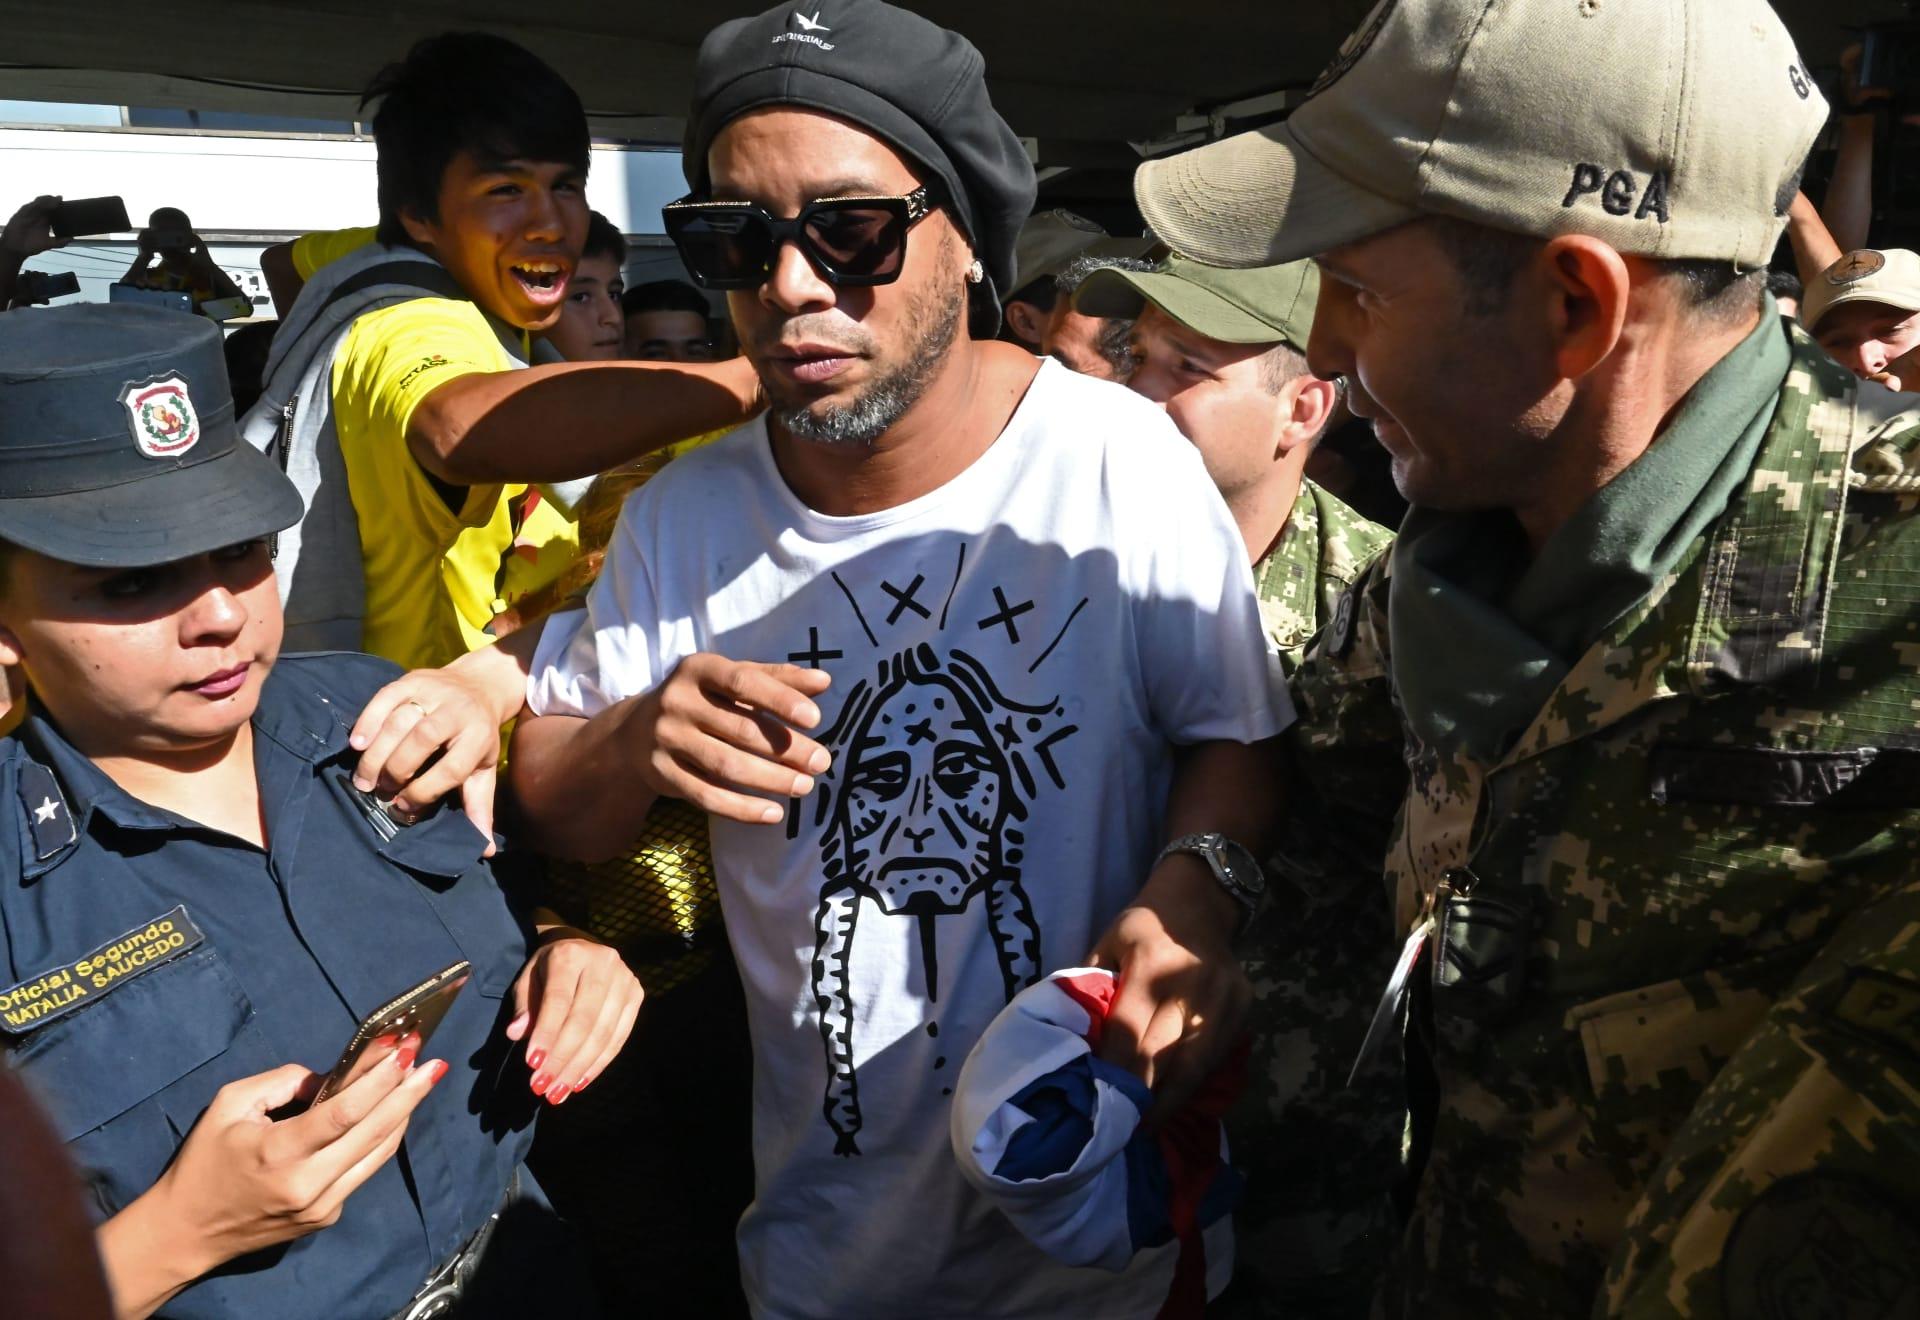 احتجاز رونالدينيو وشقيقه في باراغواي لدخولهما البلاد بجوازات سفر مزيفة